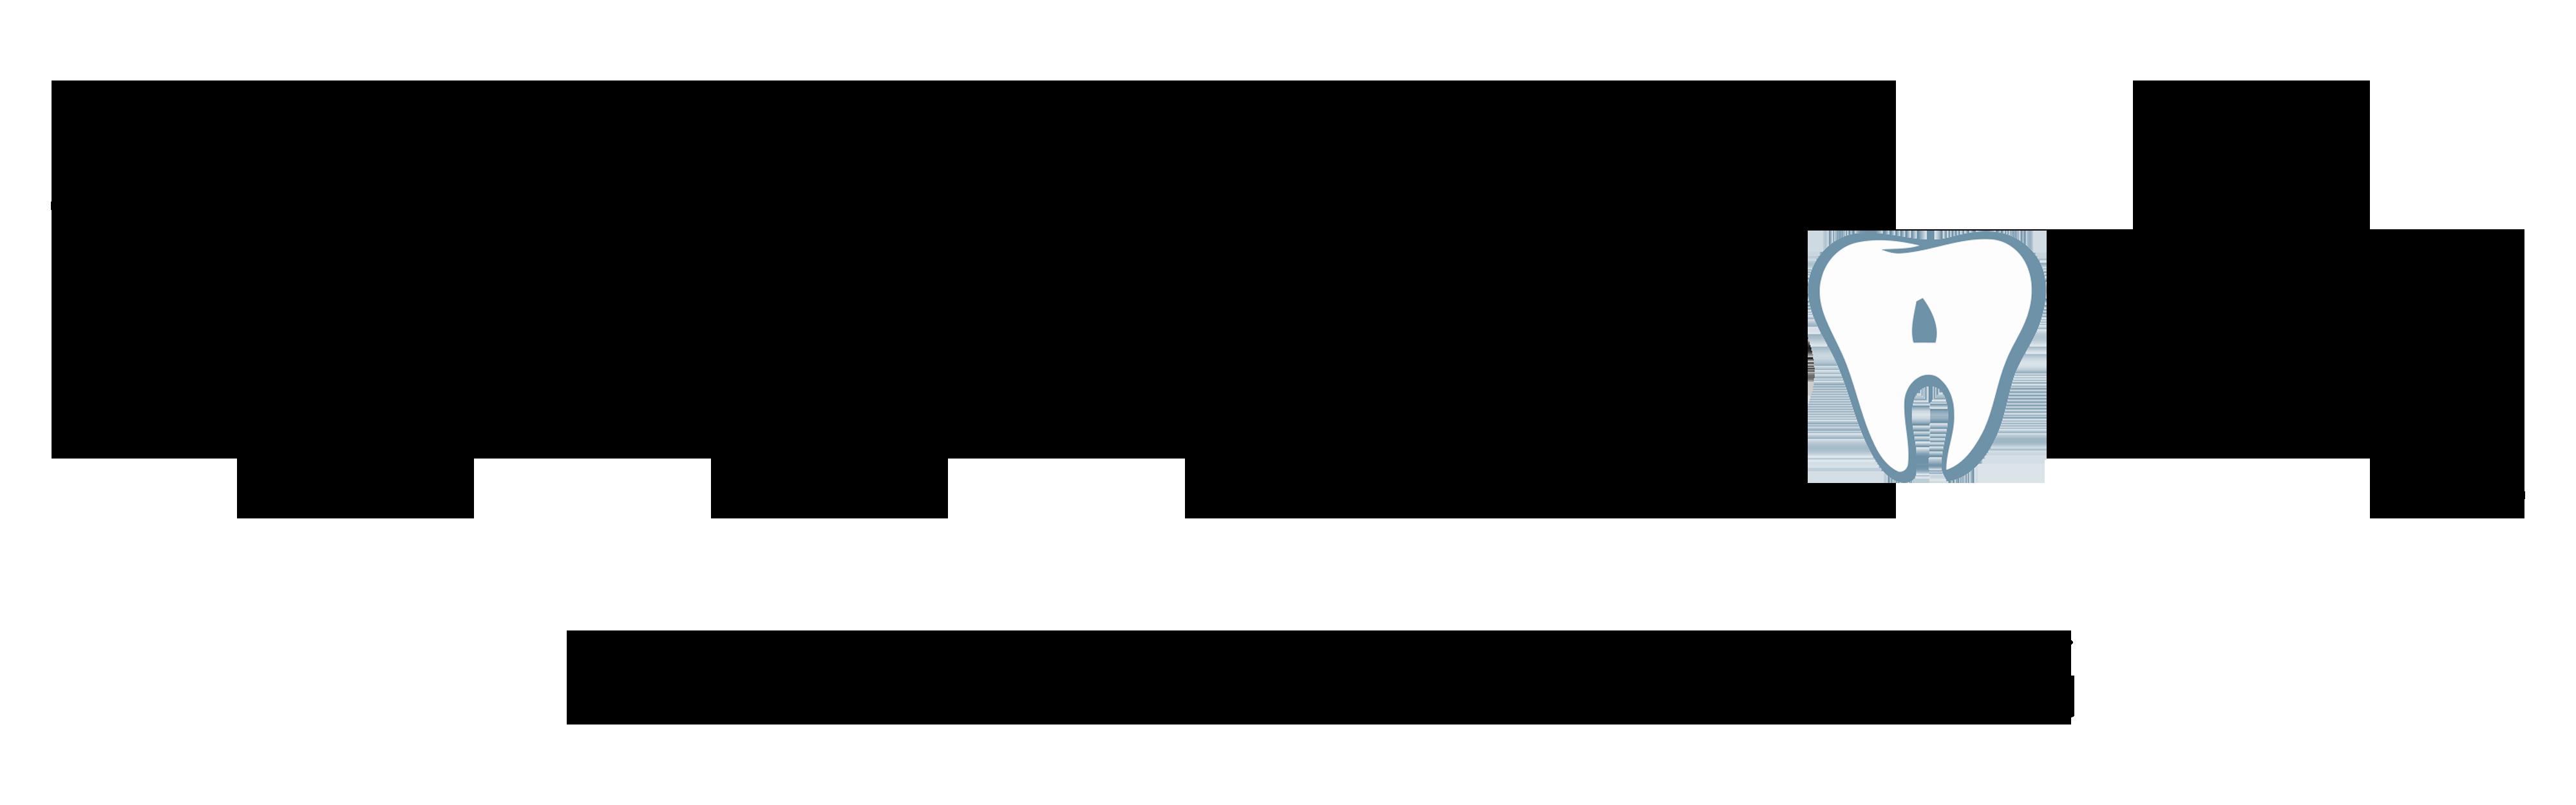 Ep9rxhv8s260rfg91ykp